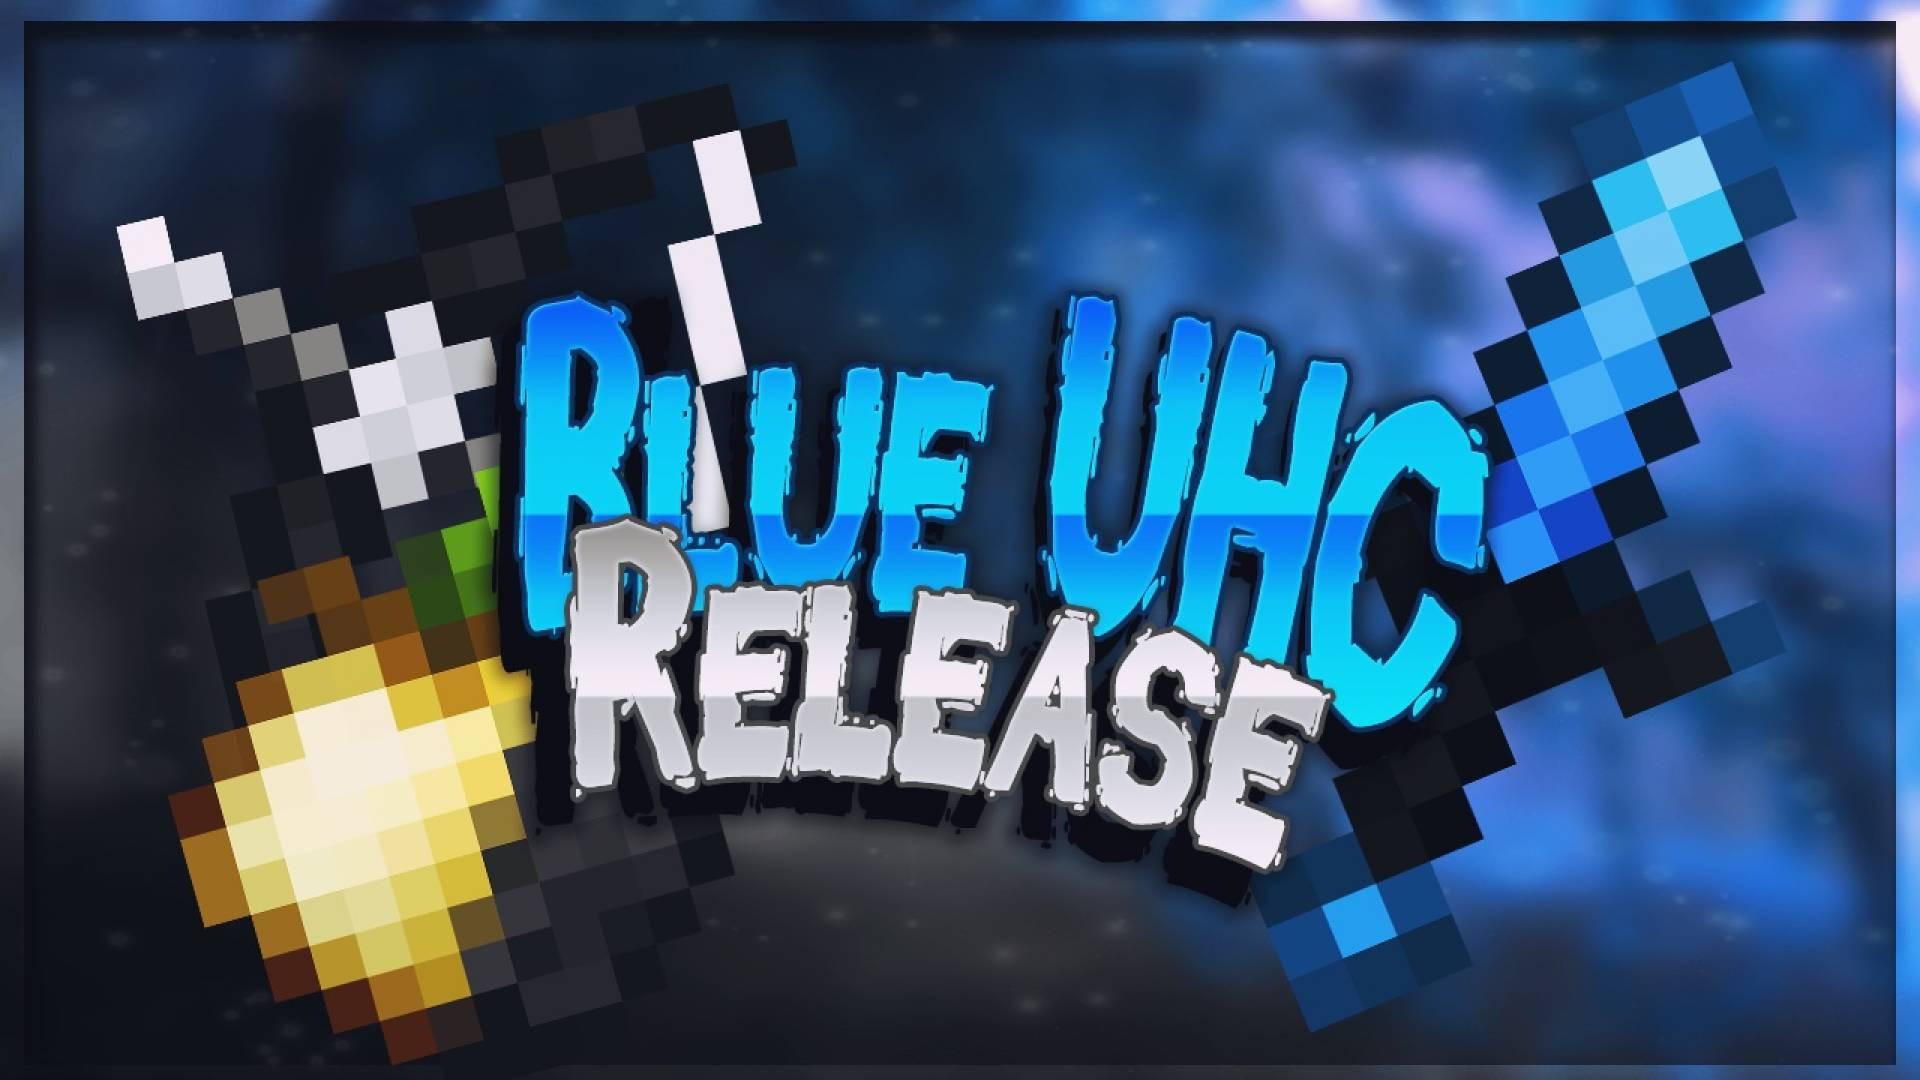 [16x] Blue UHC